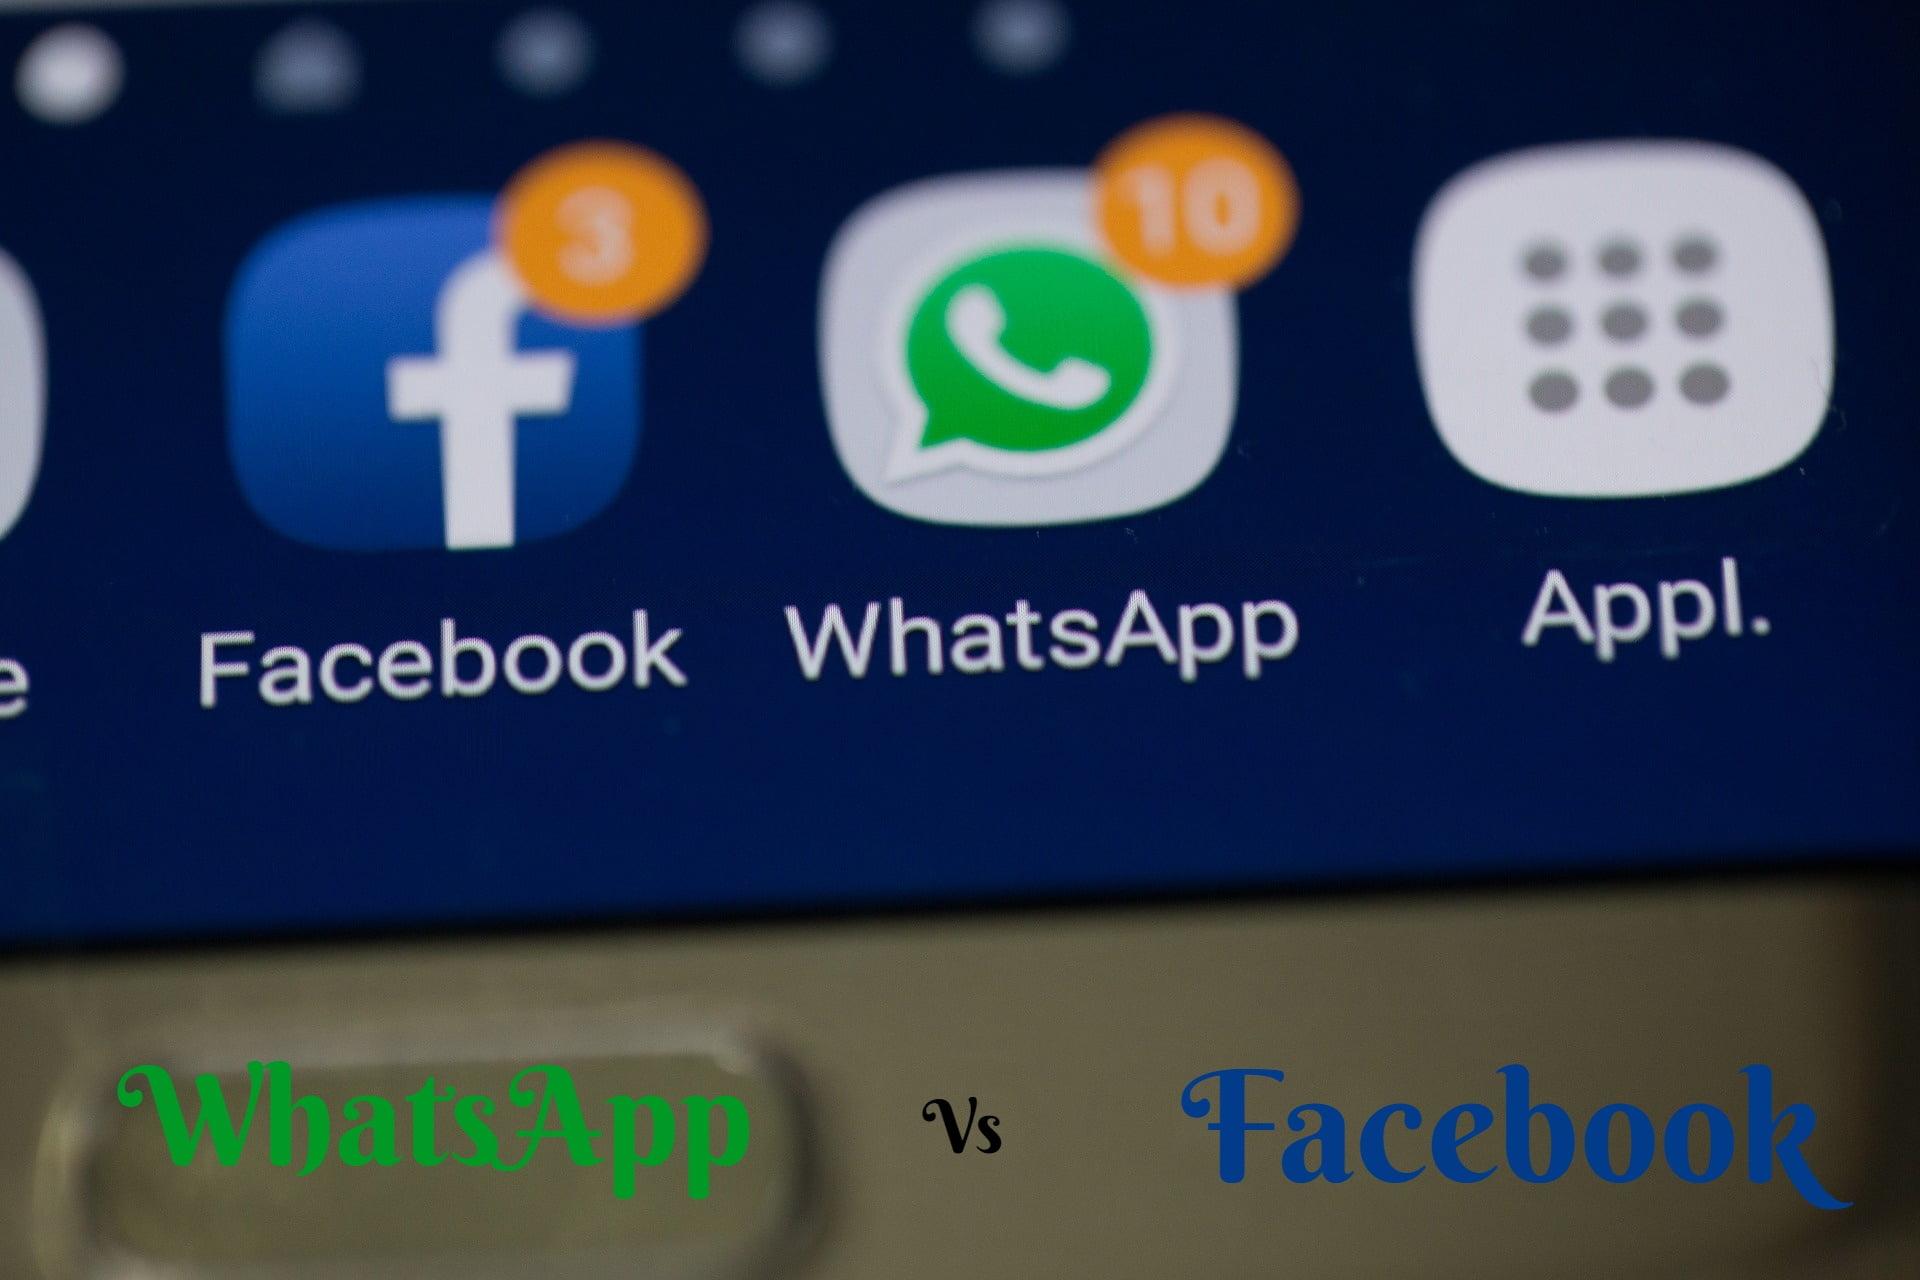 Dünya İletişimde WhatsApp'a Yönelince, Facebook Sunucuları Bir Anda Dolmaya Başladı!